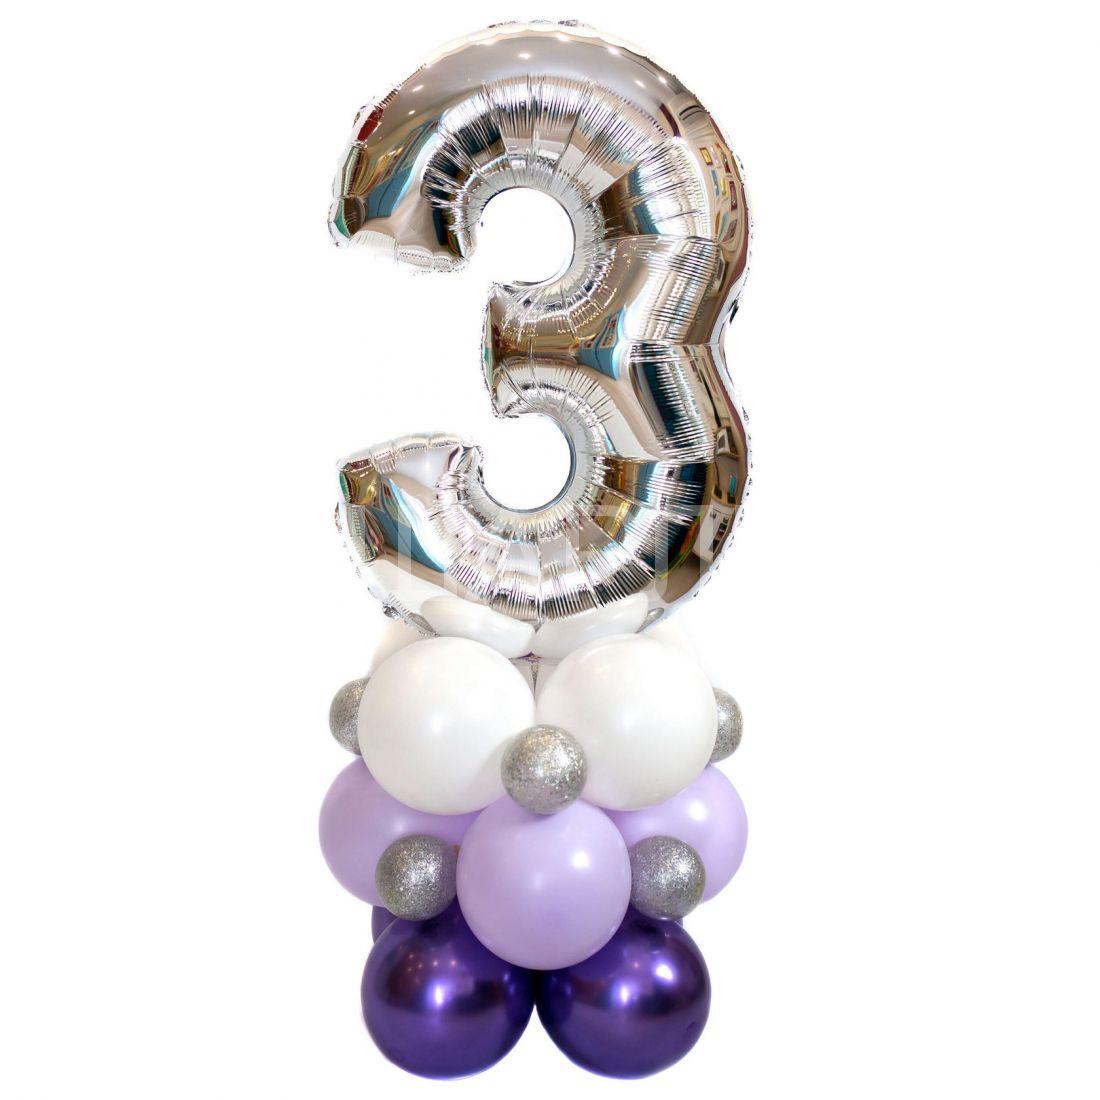 Цифра с воздухом на подставке из шаров